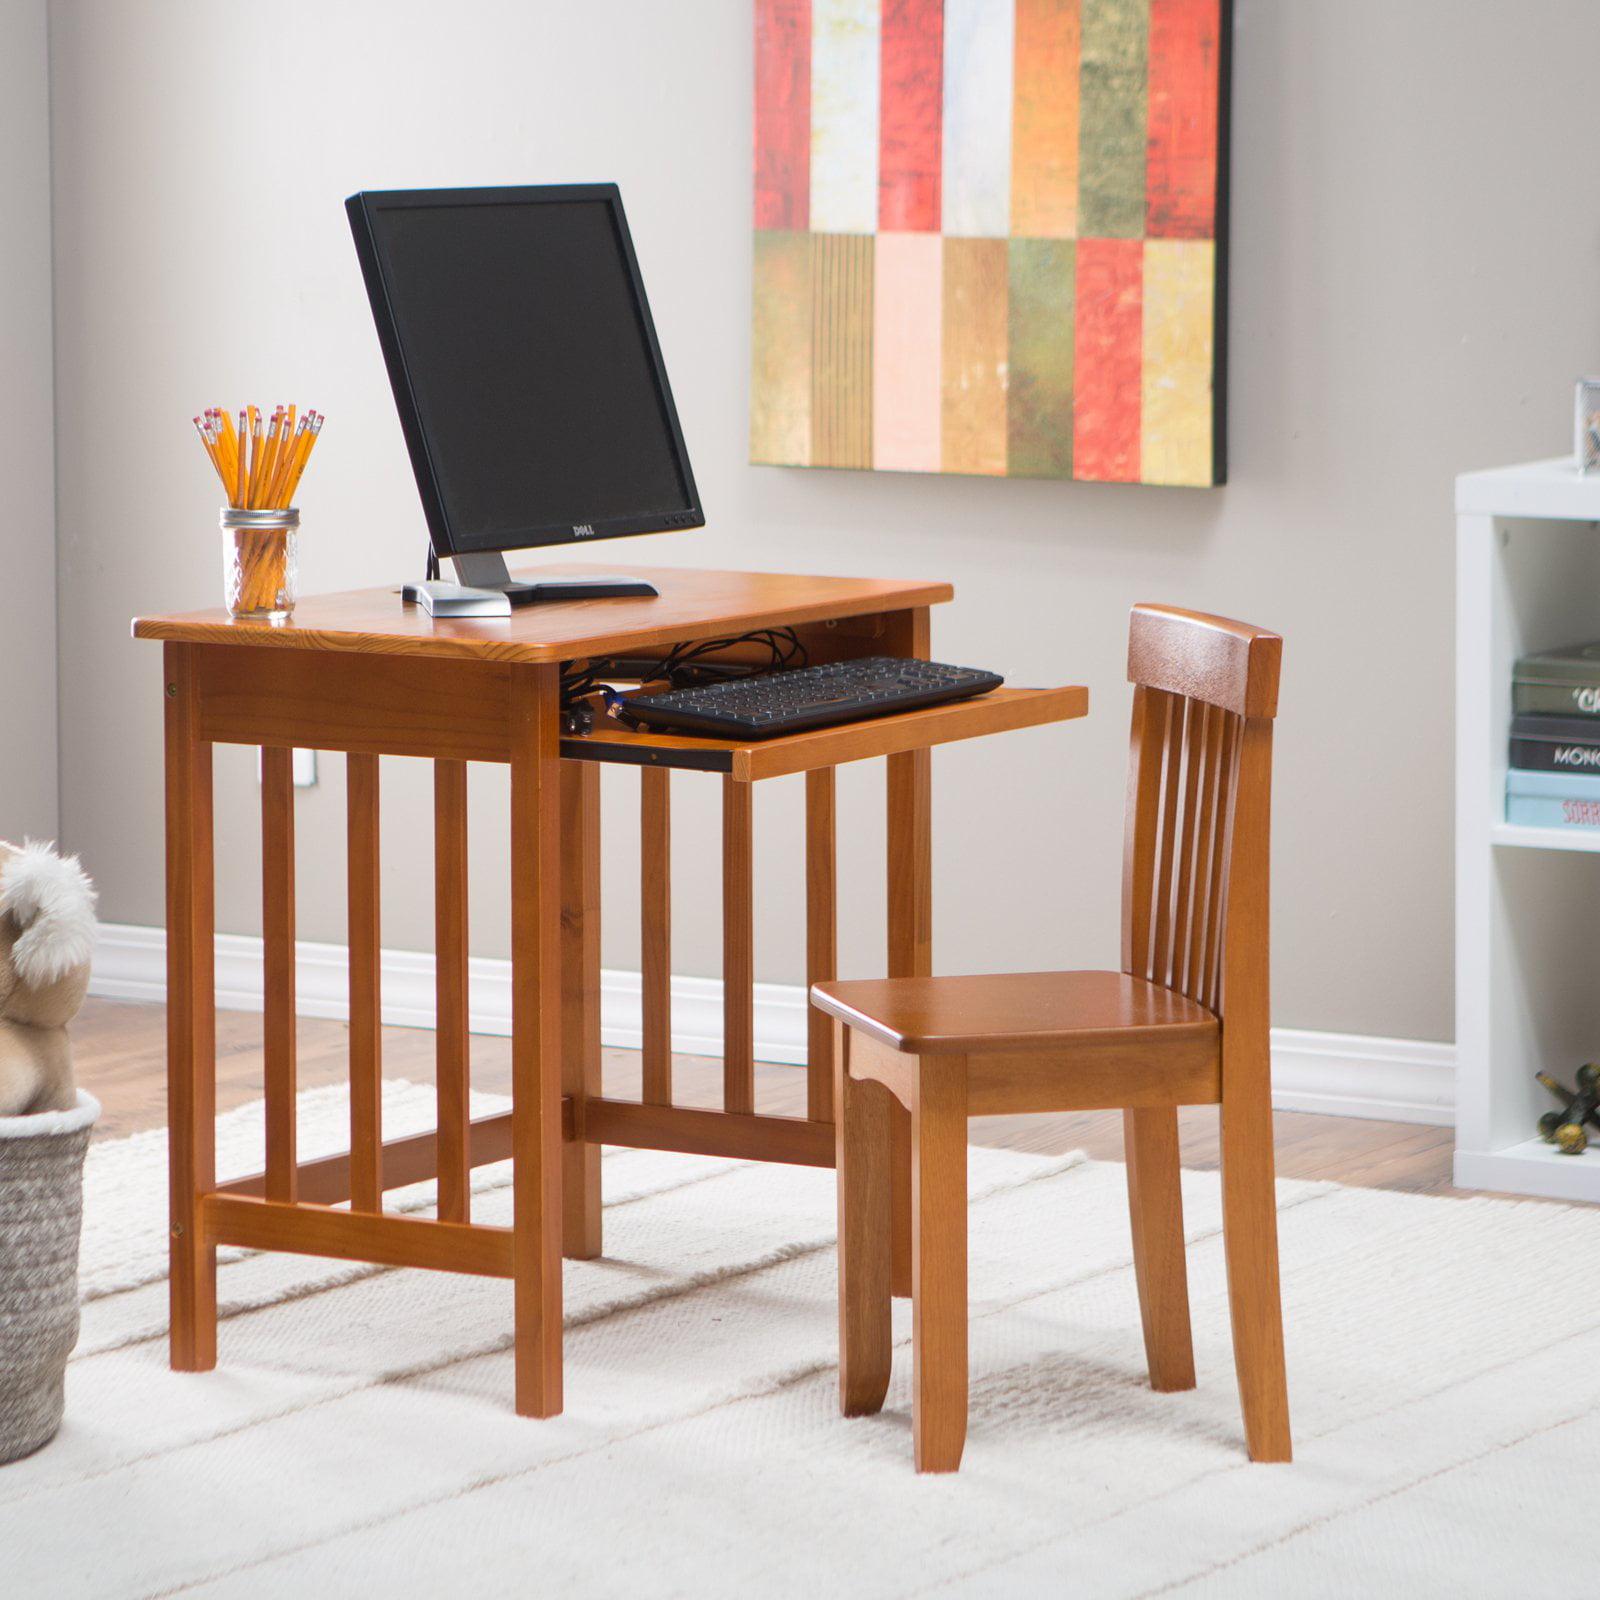 Lipper Computer Desk & Chair Pecan by Lipper International